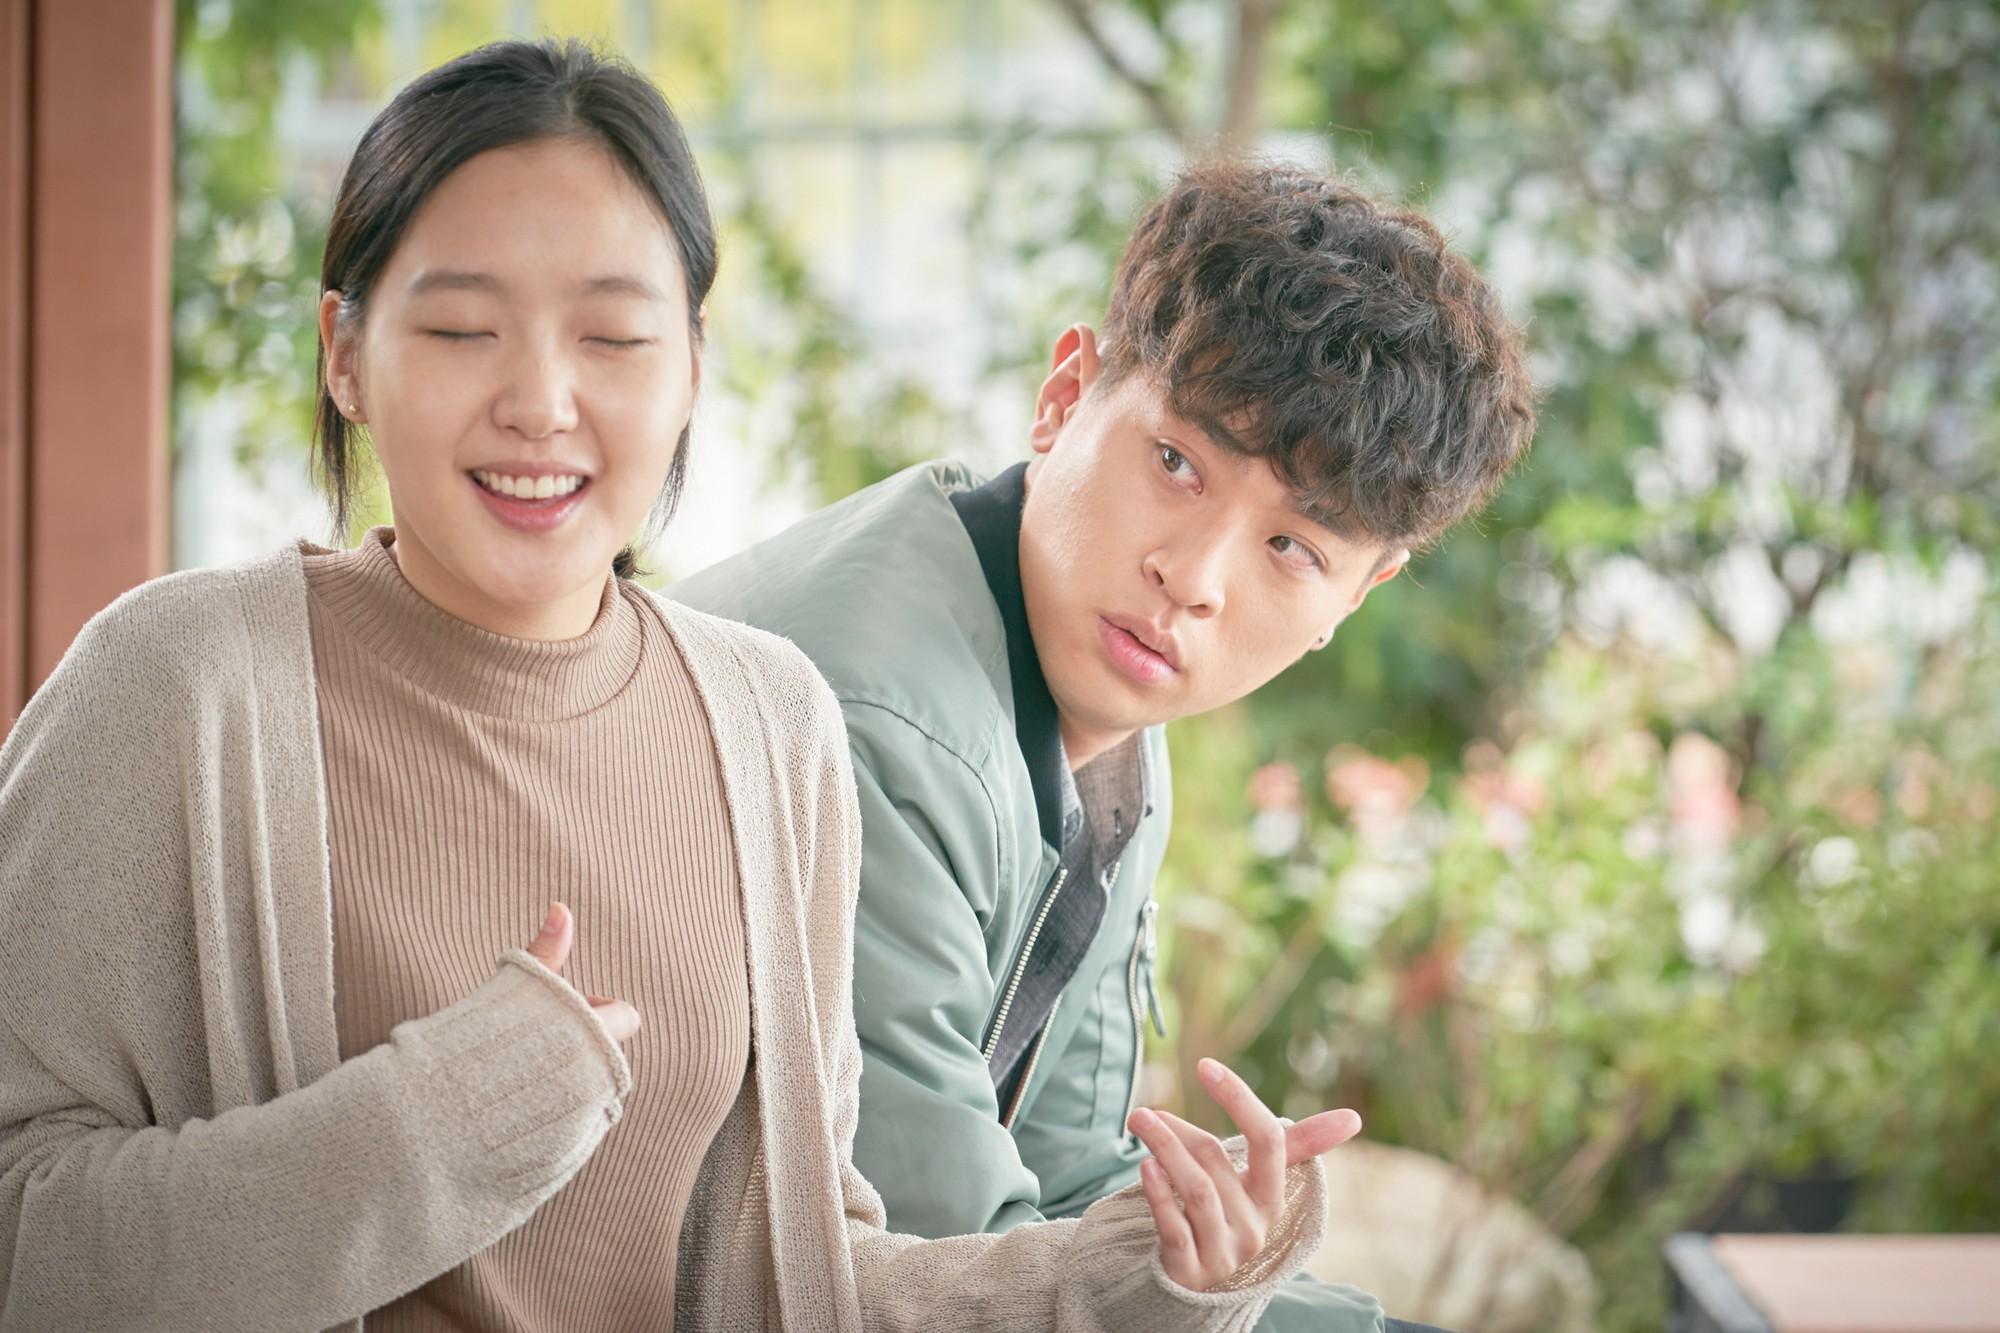 5 phim điện ảnh Hàn tháng 7 mở màn mùa bom tấn hè 2018 - Ảnh 3.